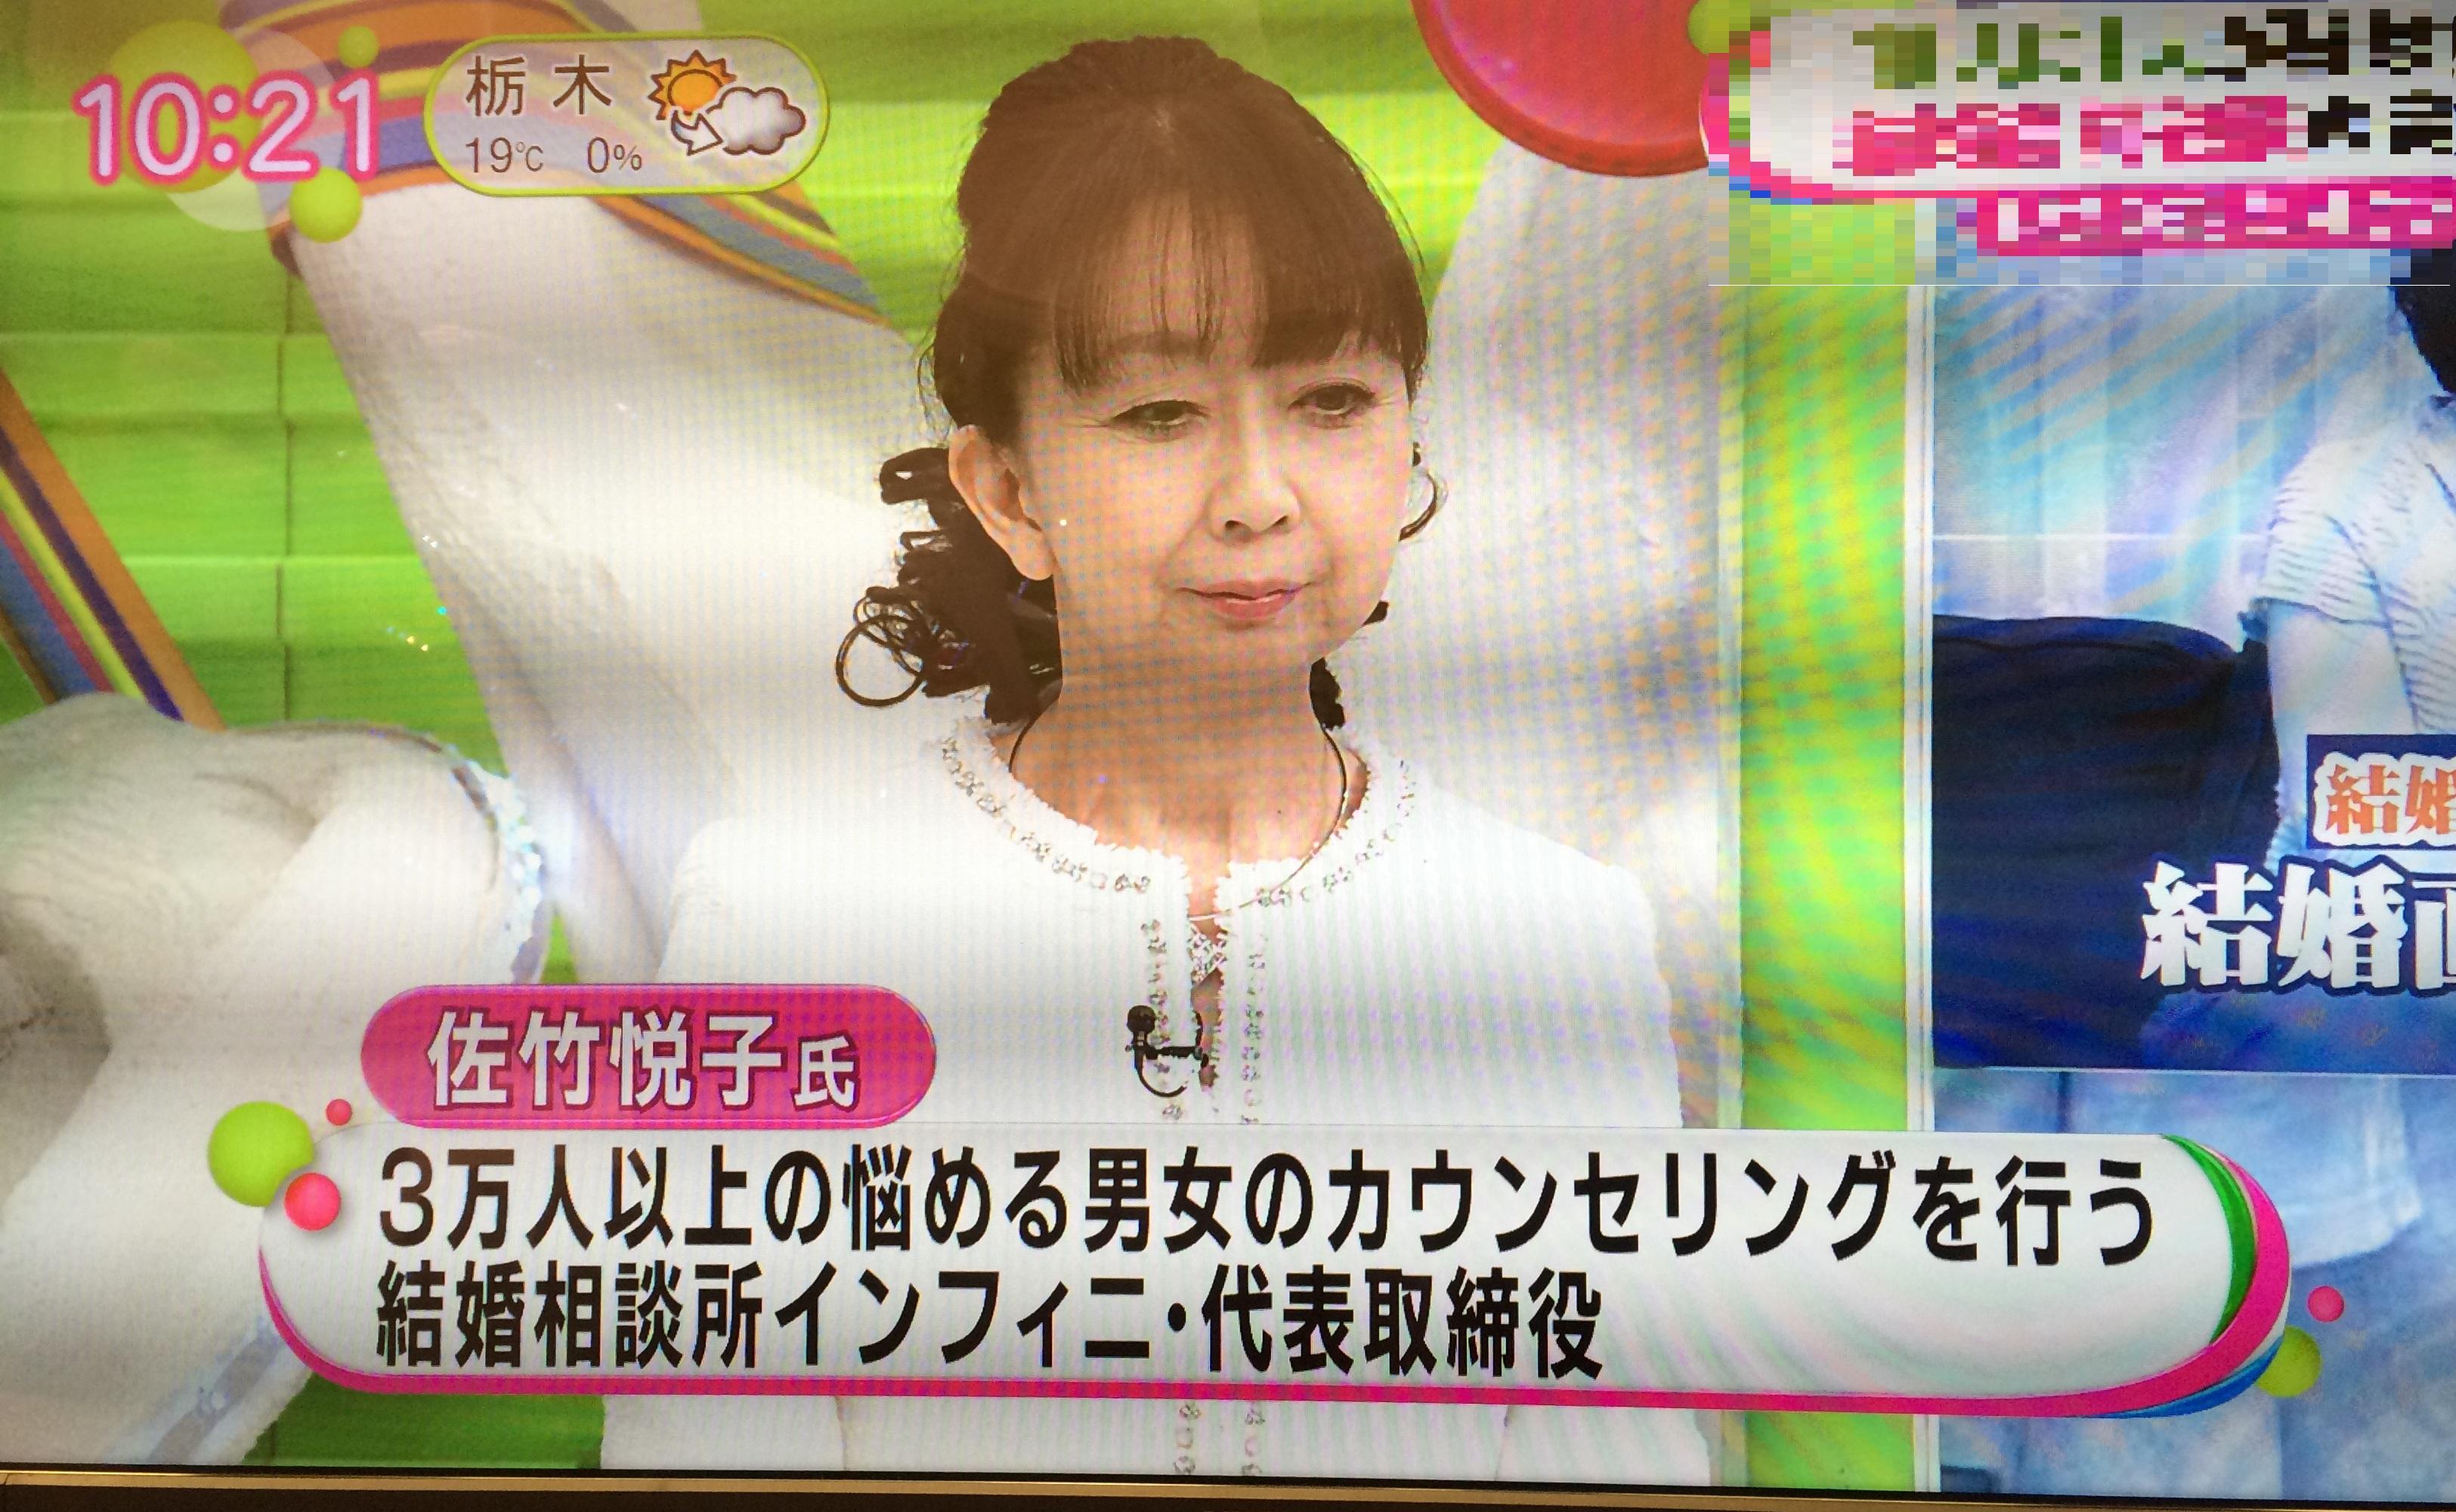 フジテレビ,ノンストップ,結婚相談所インフィニ,佐竹悦子